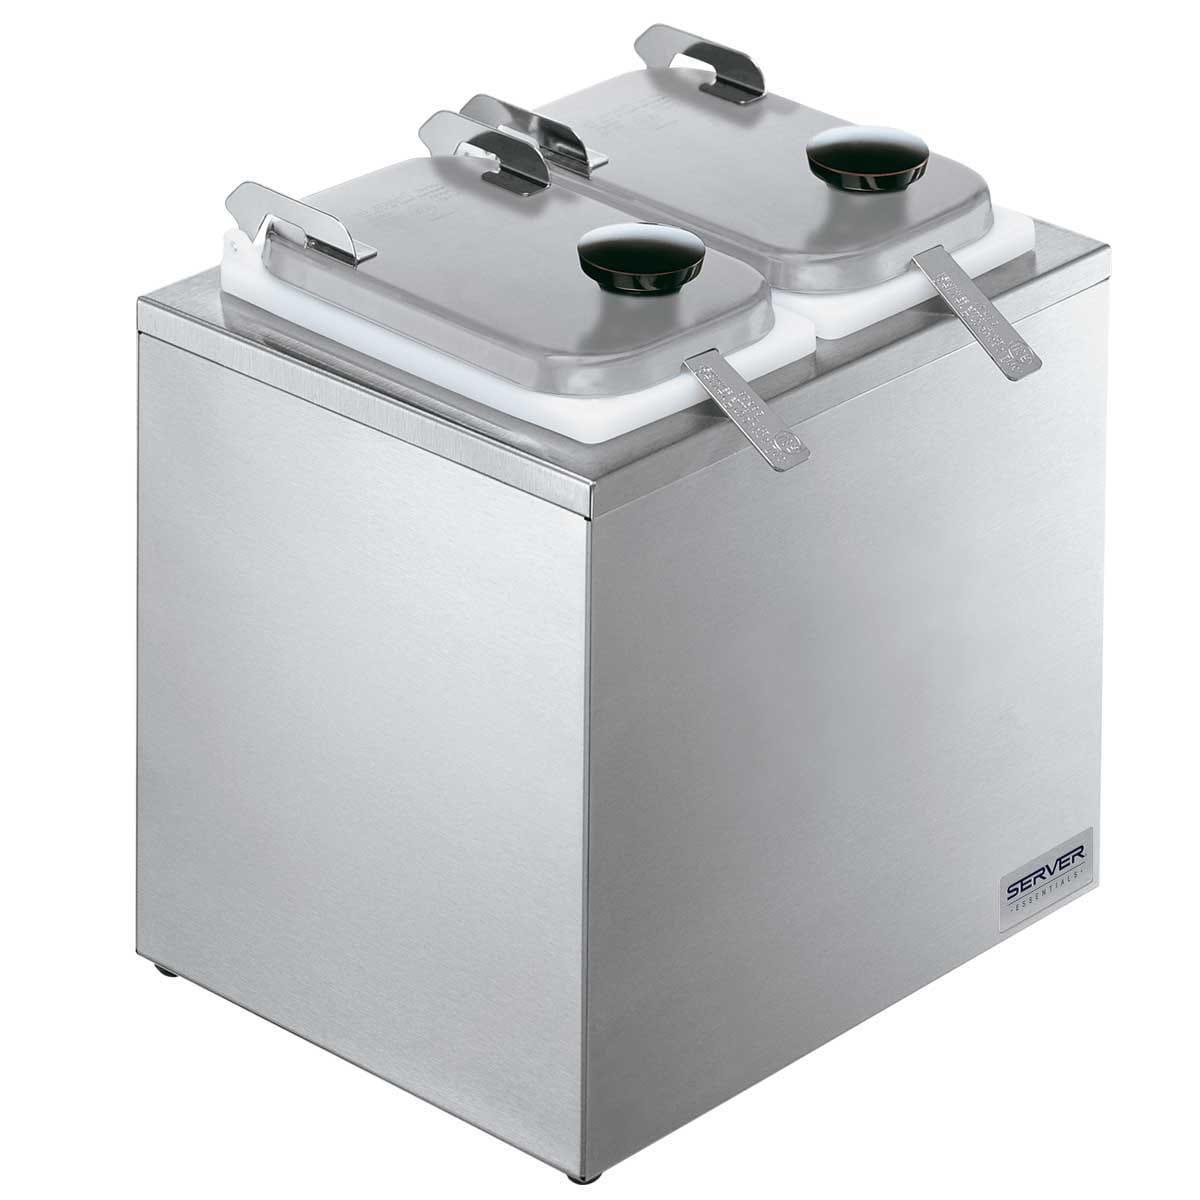 Server 80570 Dipper-Style Topping Dispenser w/ (2) 1 oz Ladles, Stainless